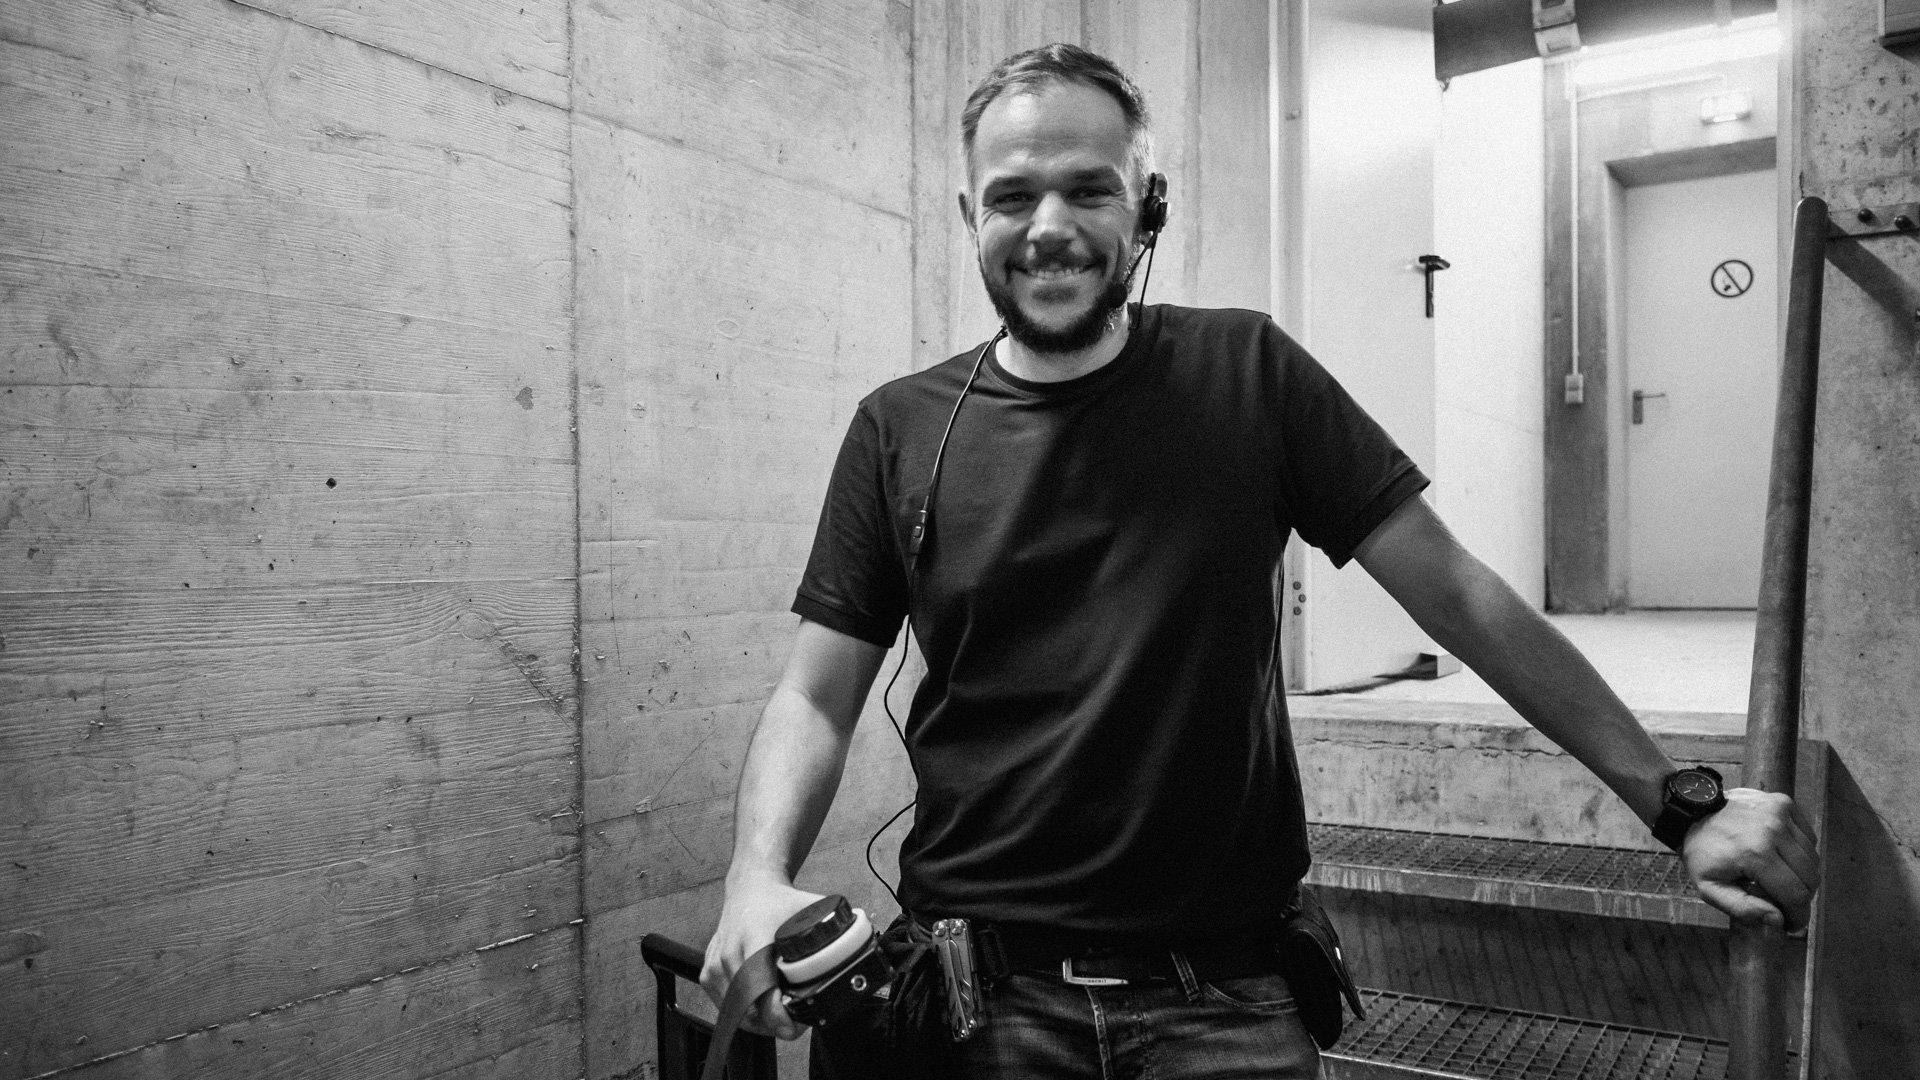 Jan Voth bei einder Videoproduktion